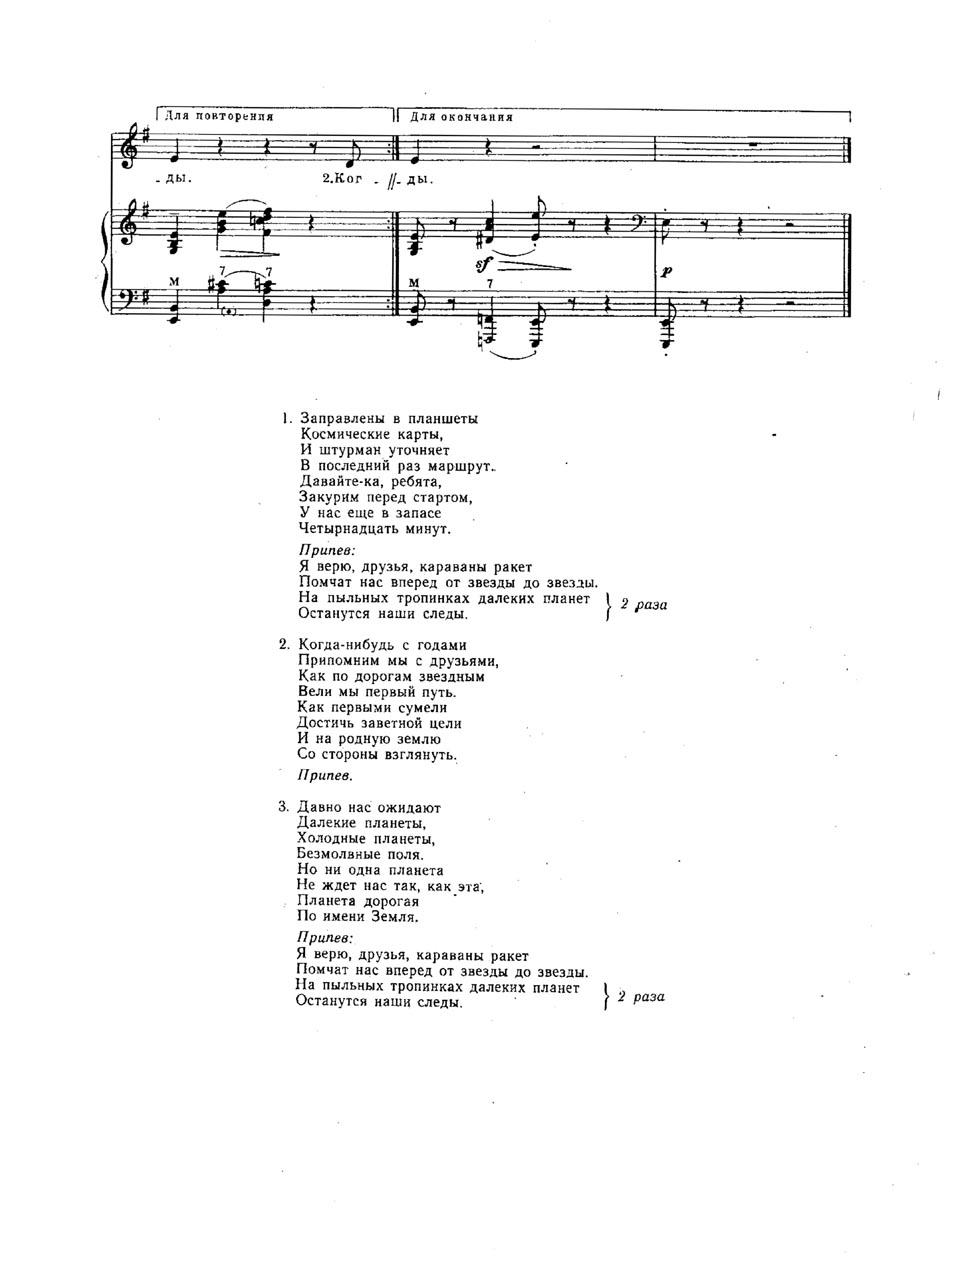 О. Фельцман, В. Войнович. Песня «14 минут до старта». Ноты для голоса в сопровождении фортепиано (баяна)